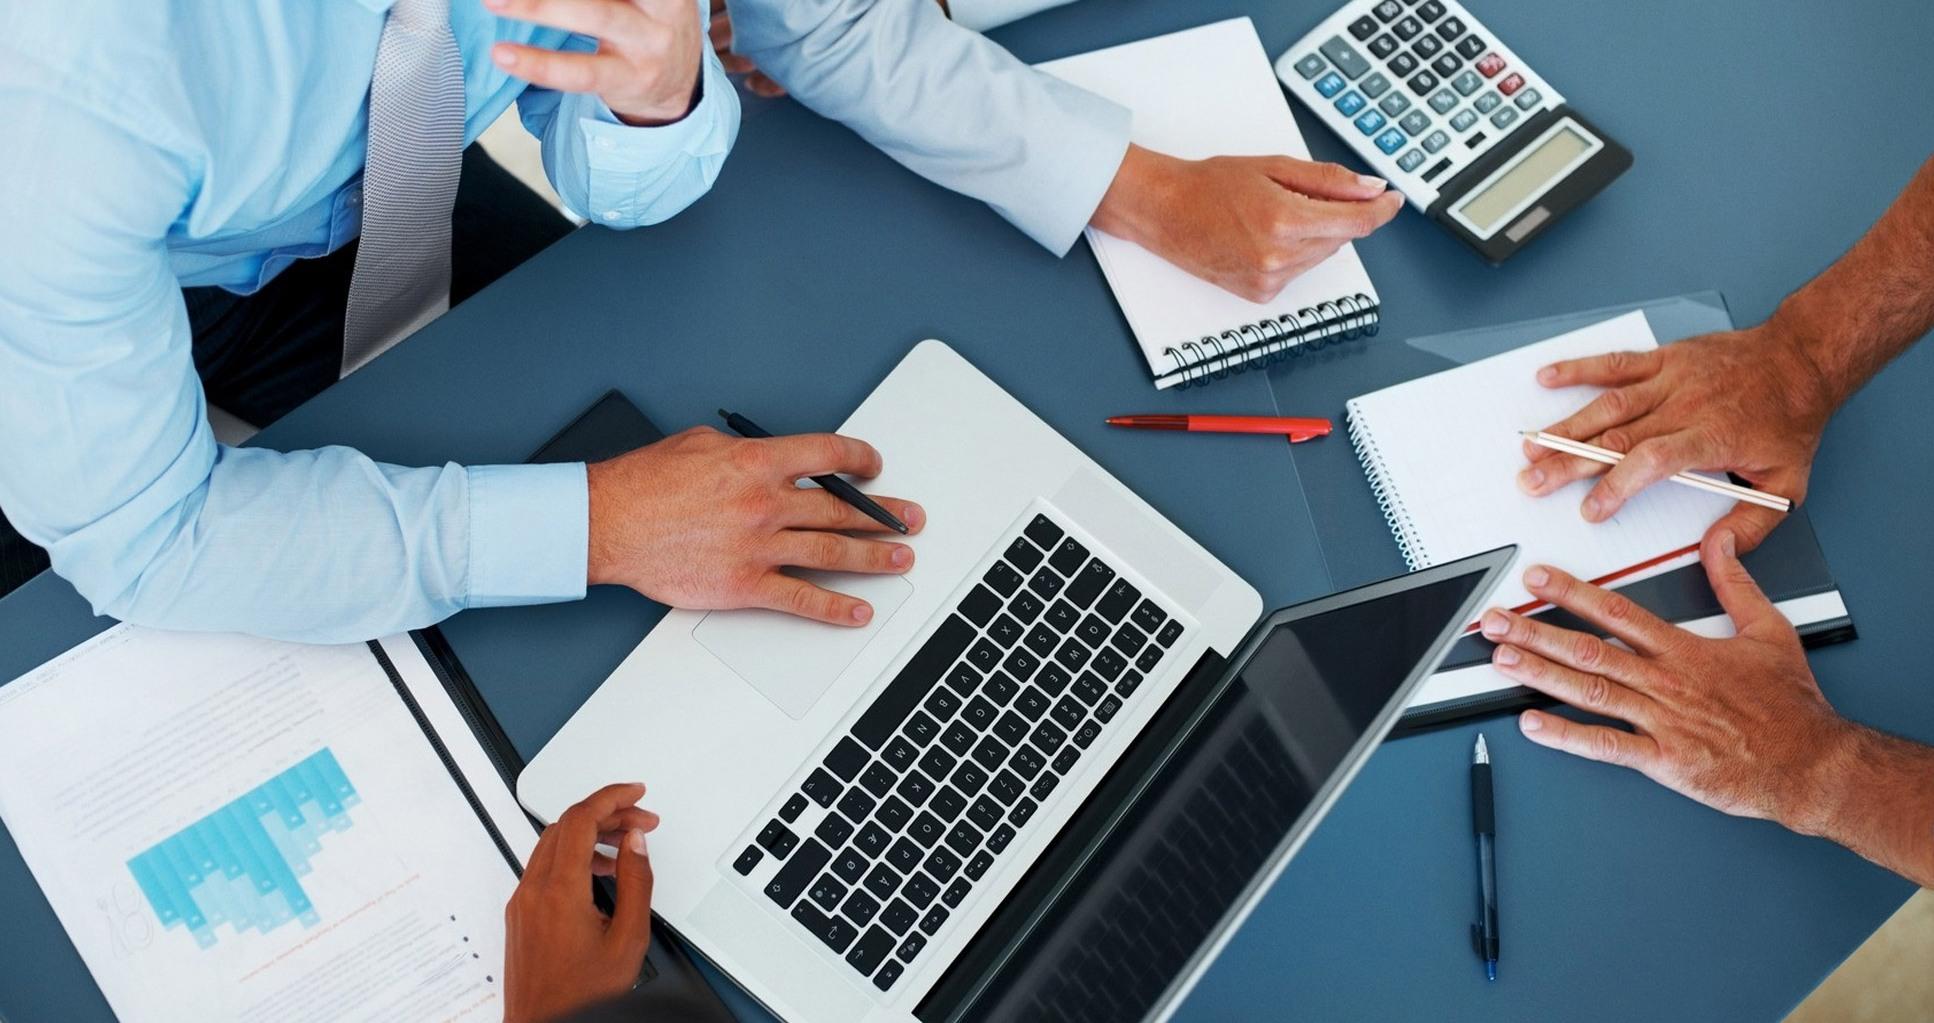 В Тверской области стало больше предпринимателей, которые смогут воспользоваться снижением налоговой ставки и стоимости патента